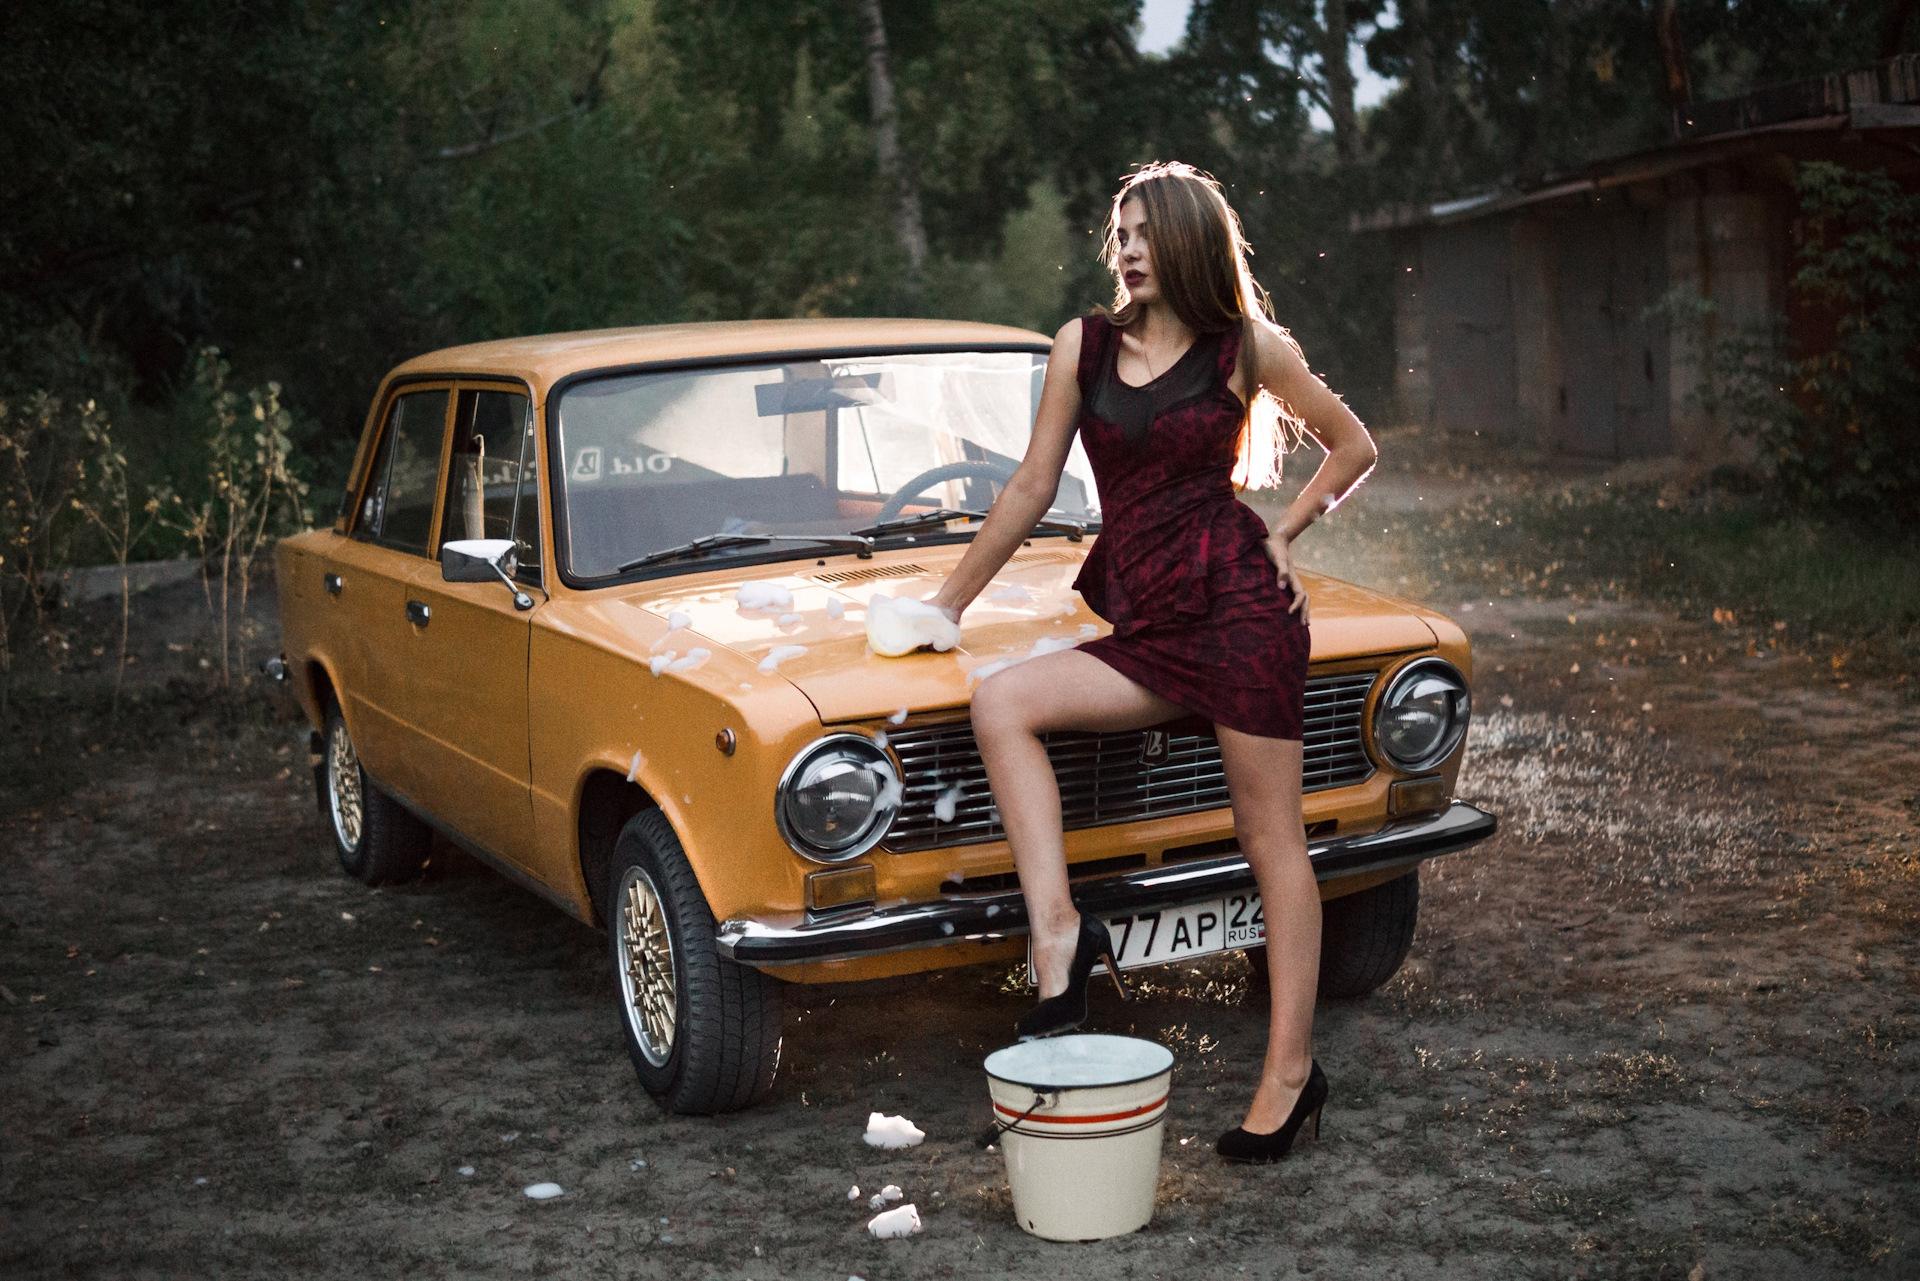 Медленно дрочит ретро фото русских телок эмблемы фото египетские